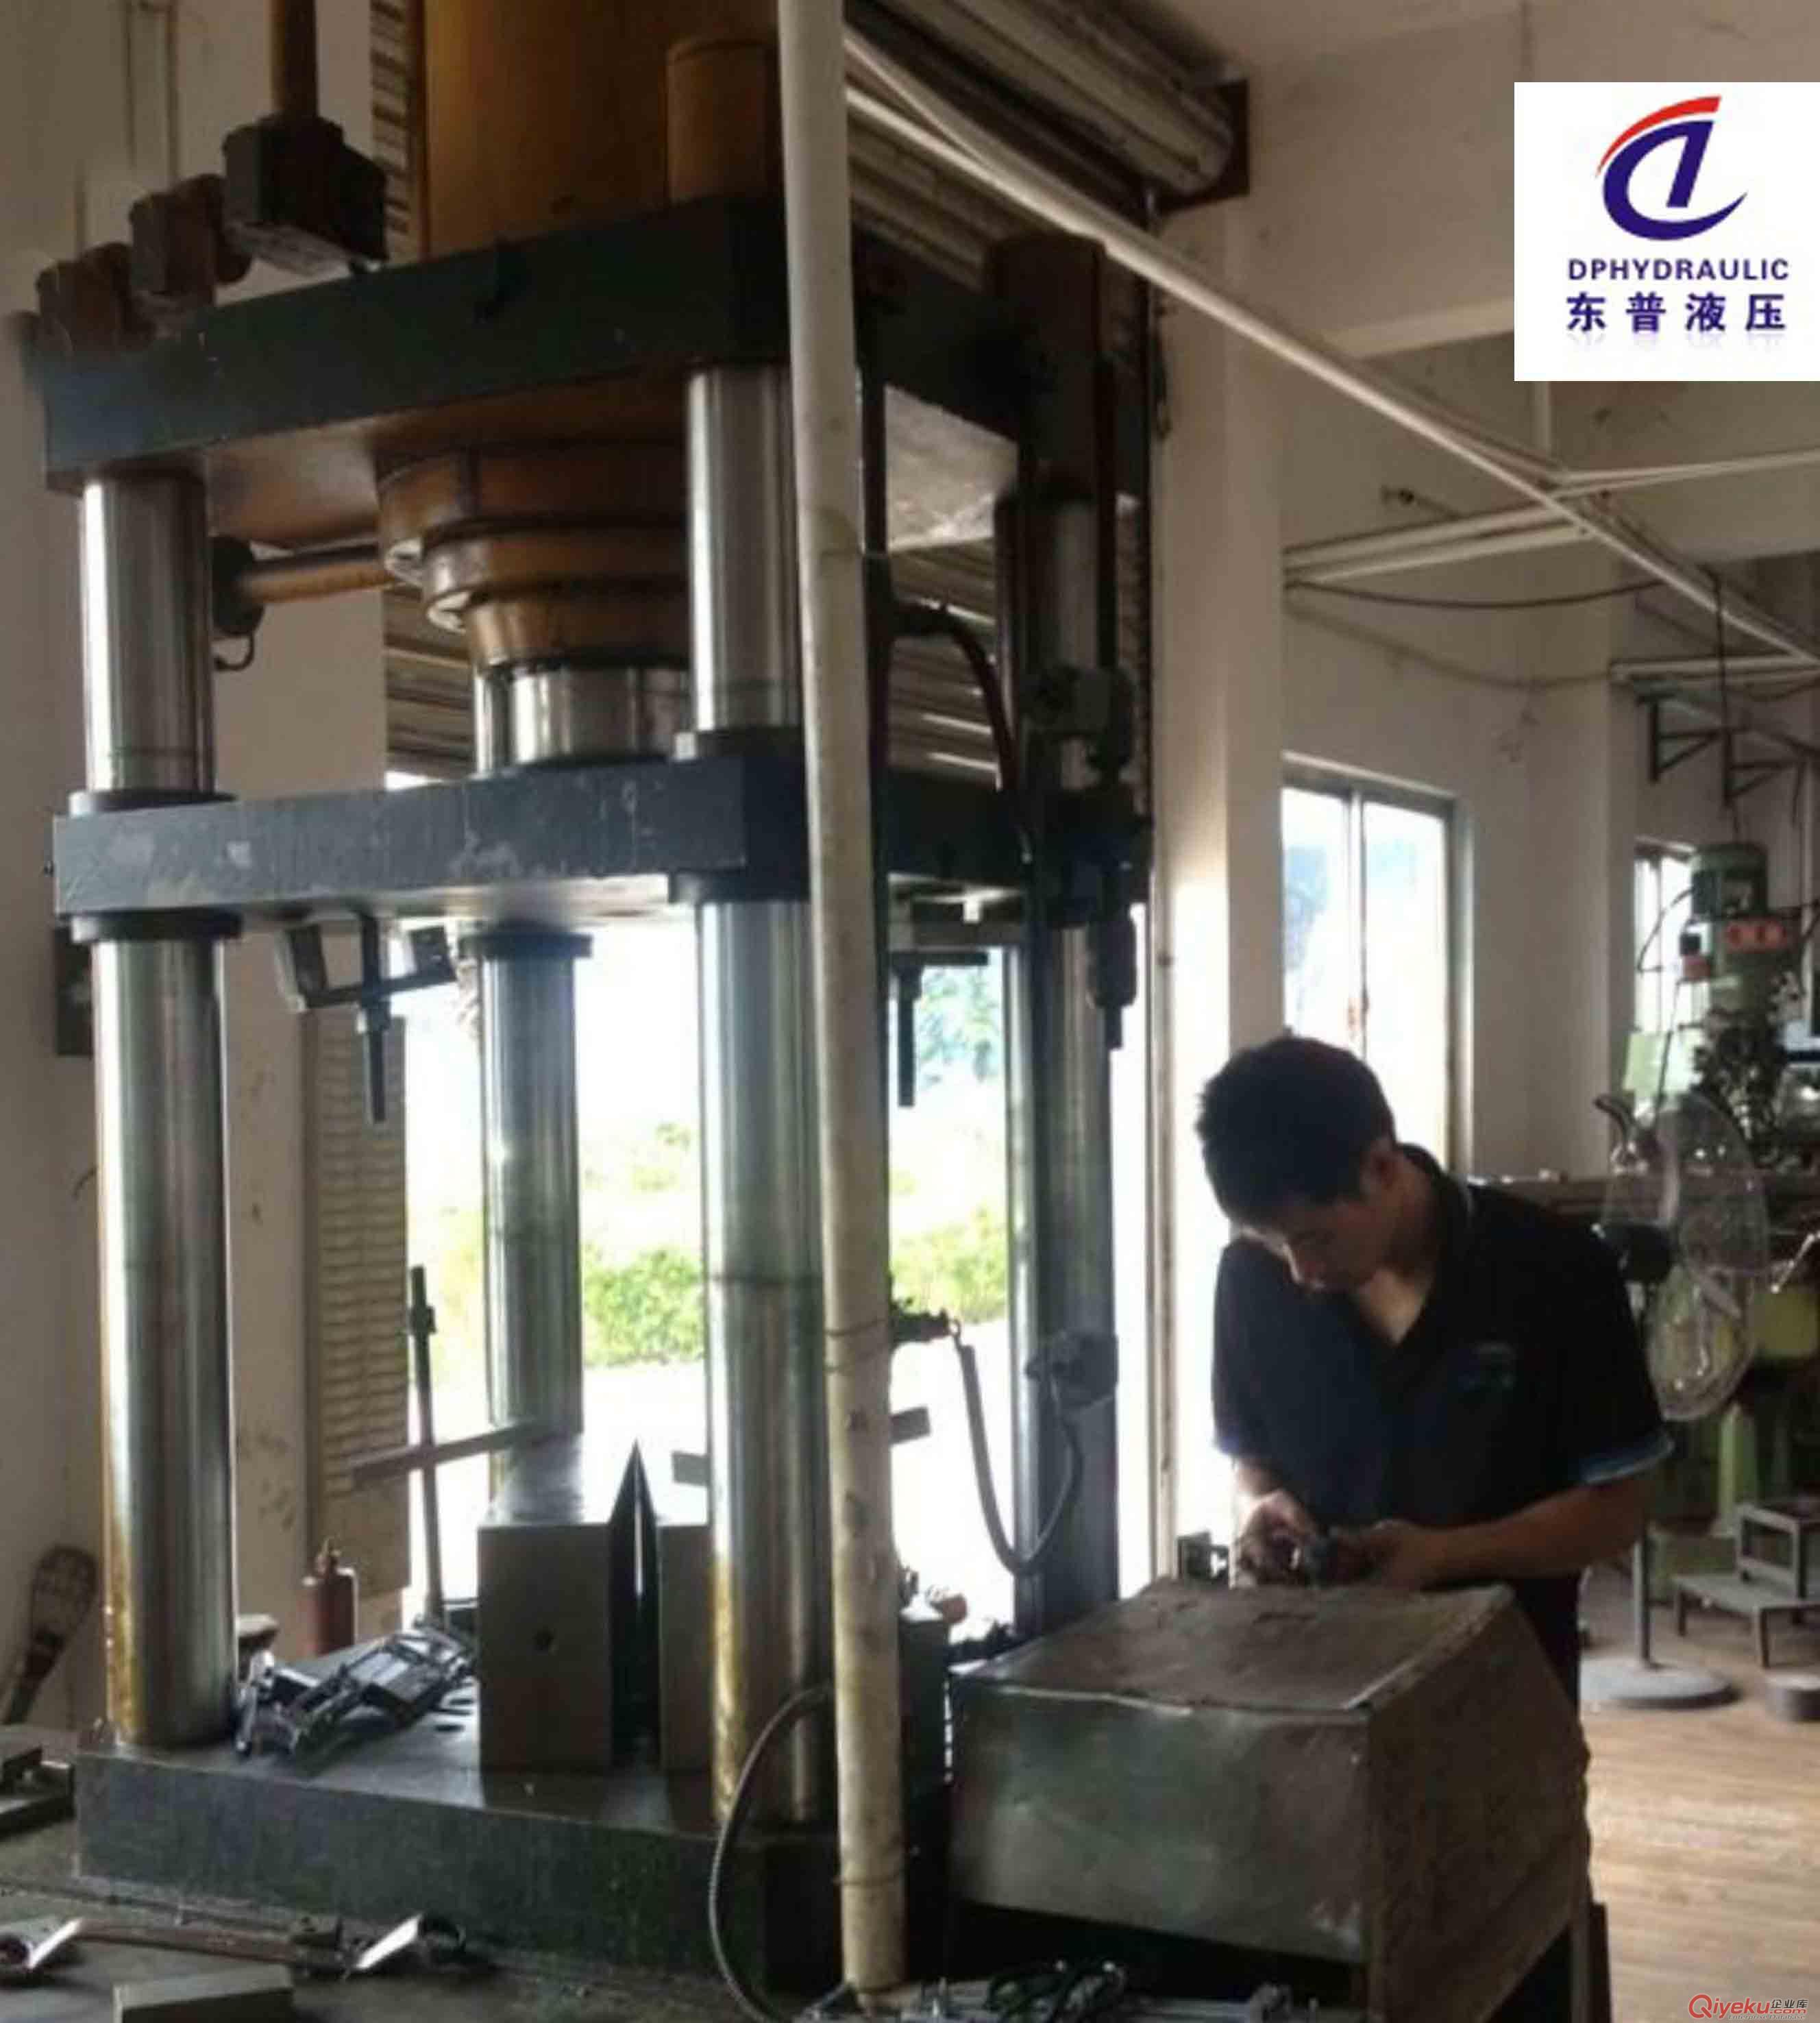 专业维修大岭山四柱油压机,长安废纸打包机,虎门高周波,各类油压,液压